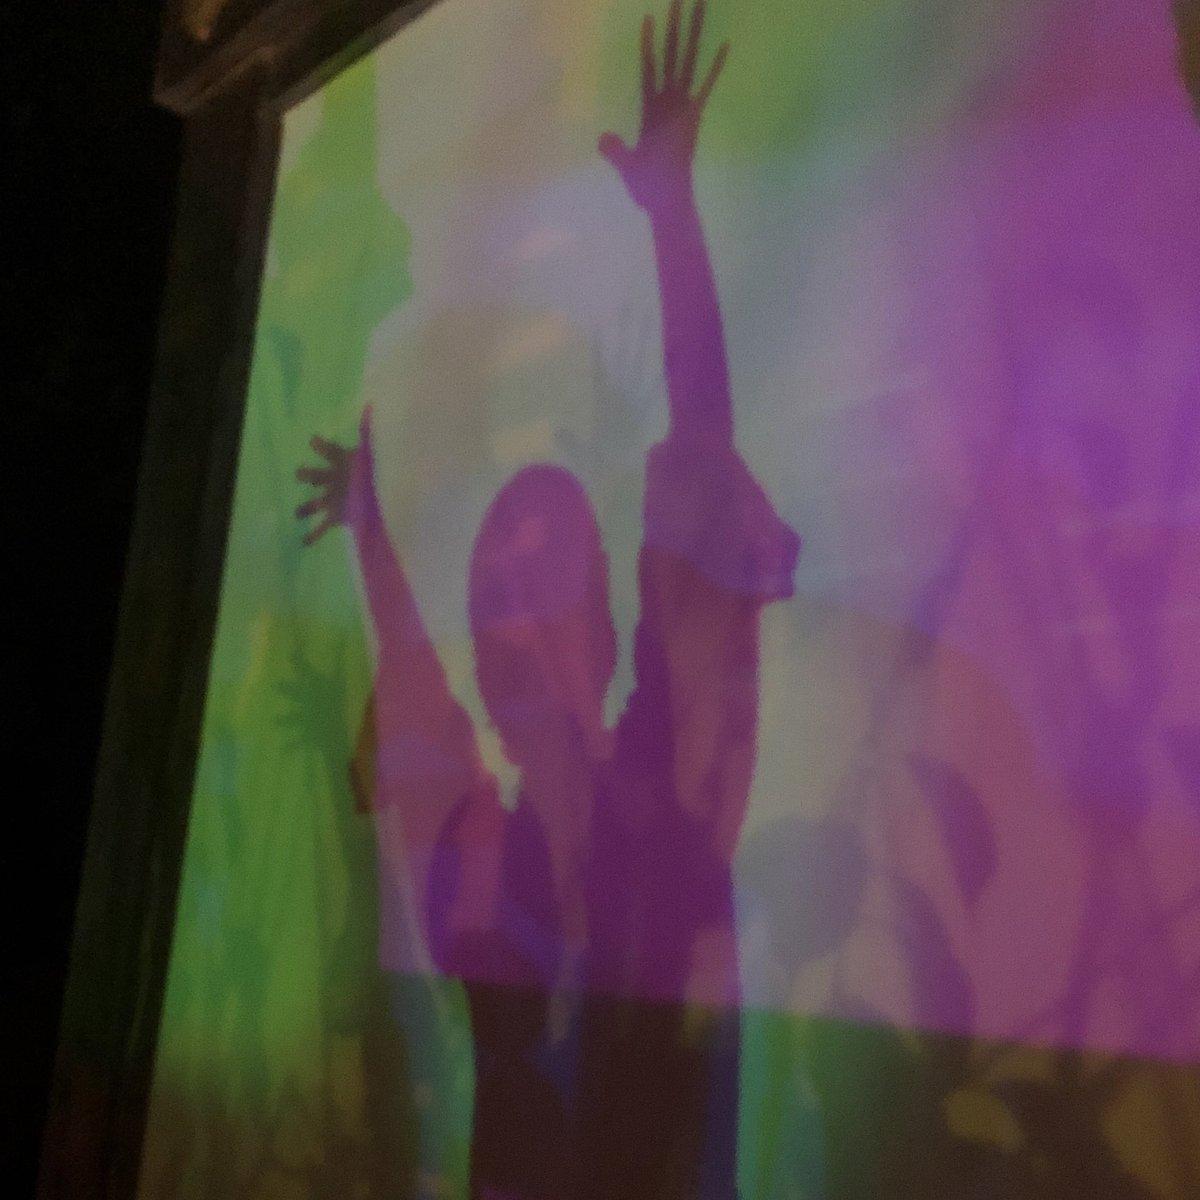 影がカラフルになるスポット見つけると楽しくなっちゃう https://t.co/71XpUr9Vbh